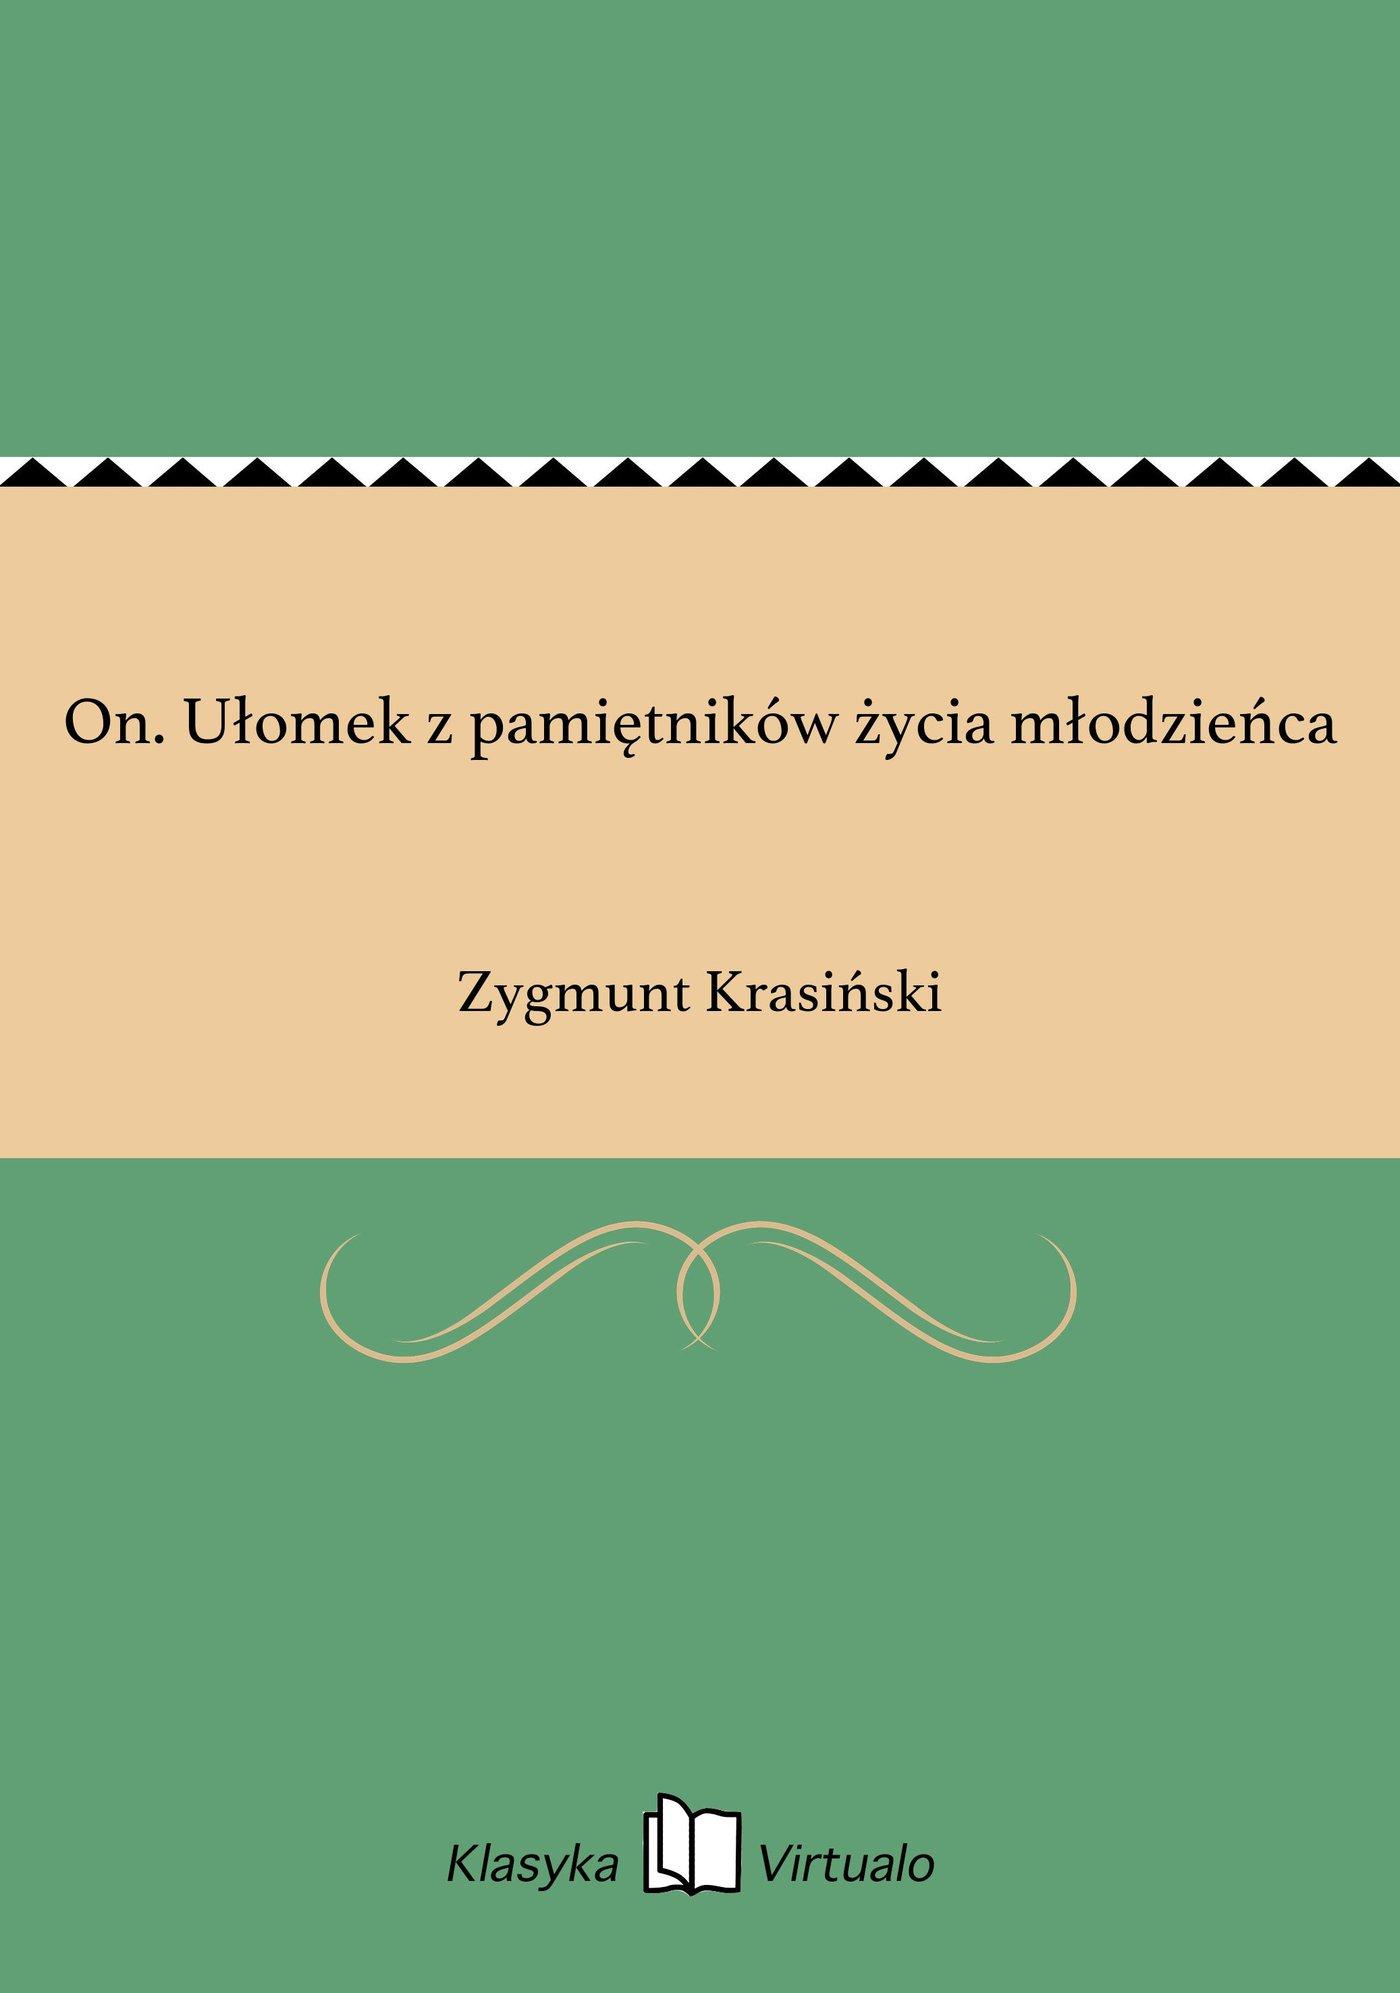 On. Ułomek z pamiętników życia młodzieńca - Ebook (Książka EPUB) do pobrania w formacie EPUB